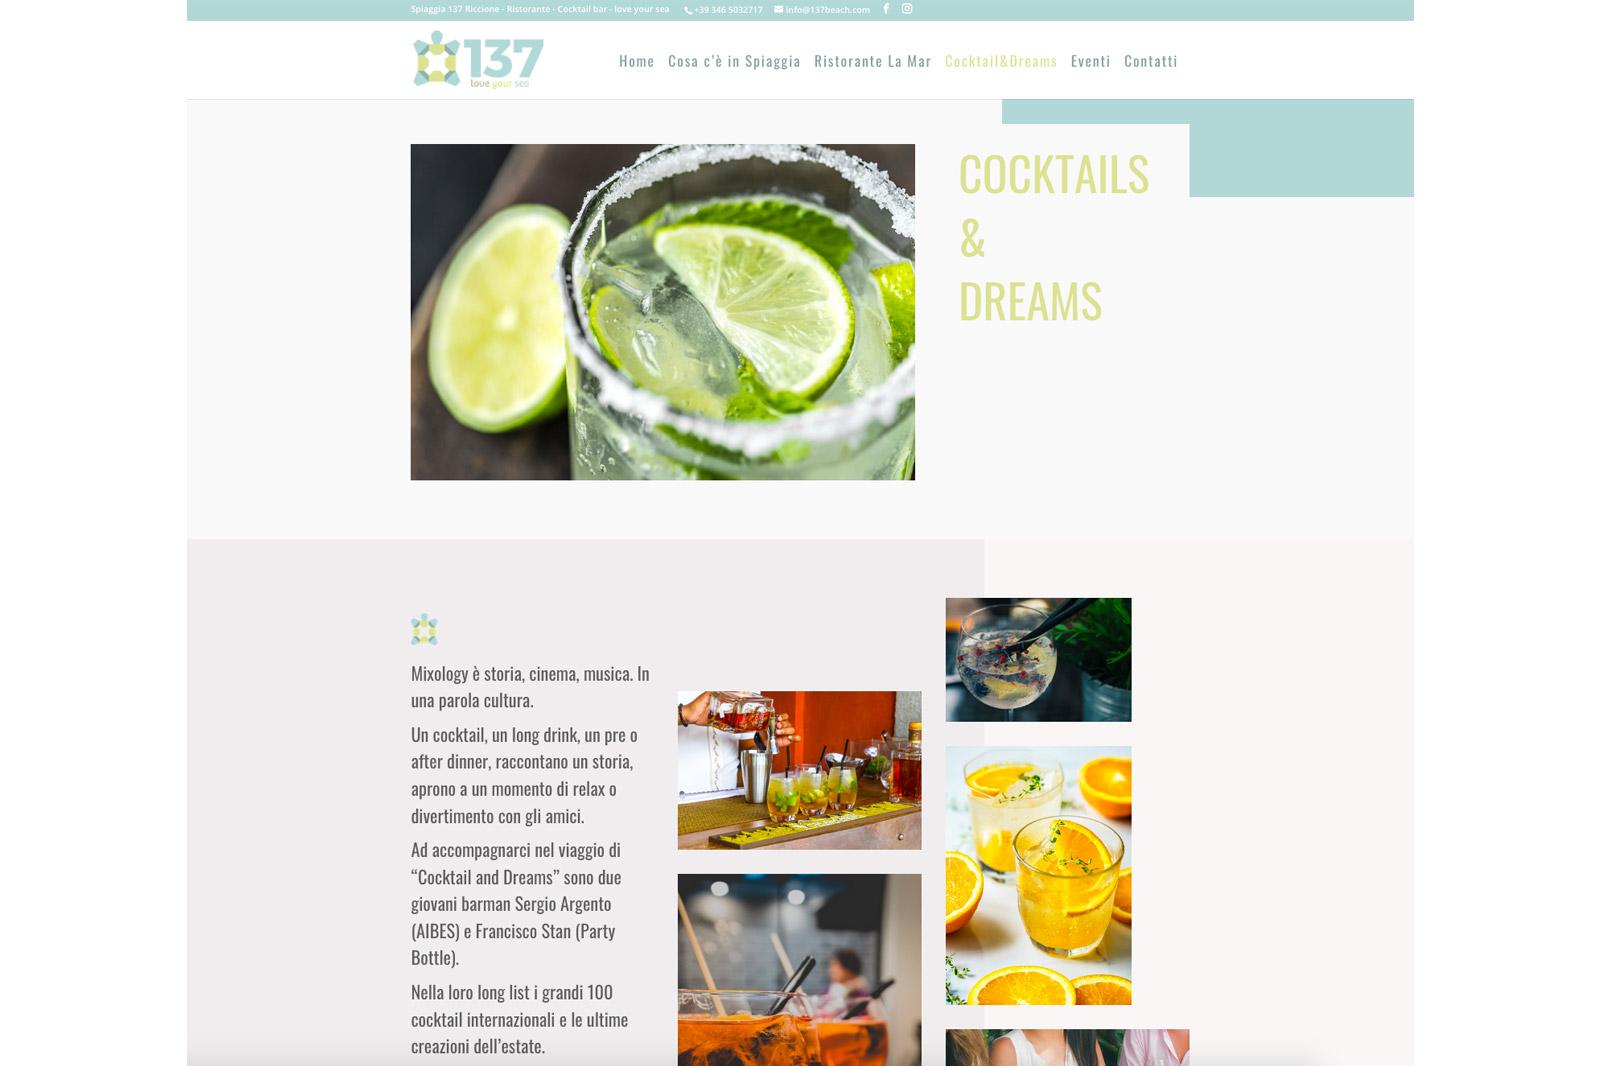 Realizzazione-sito-web-ristorante-rimini-137BEACH-1